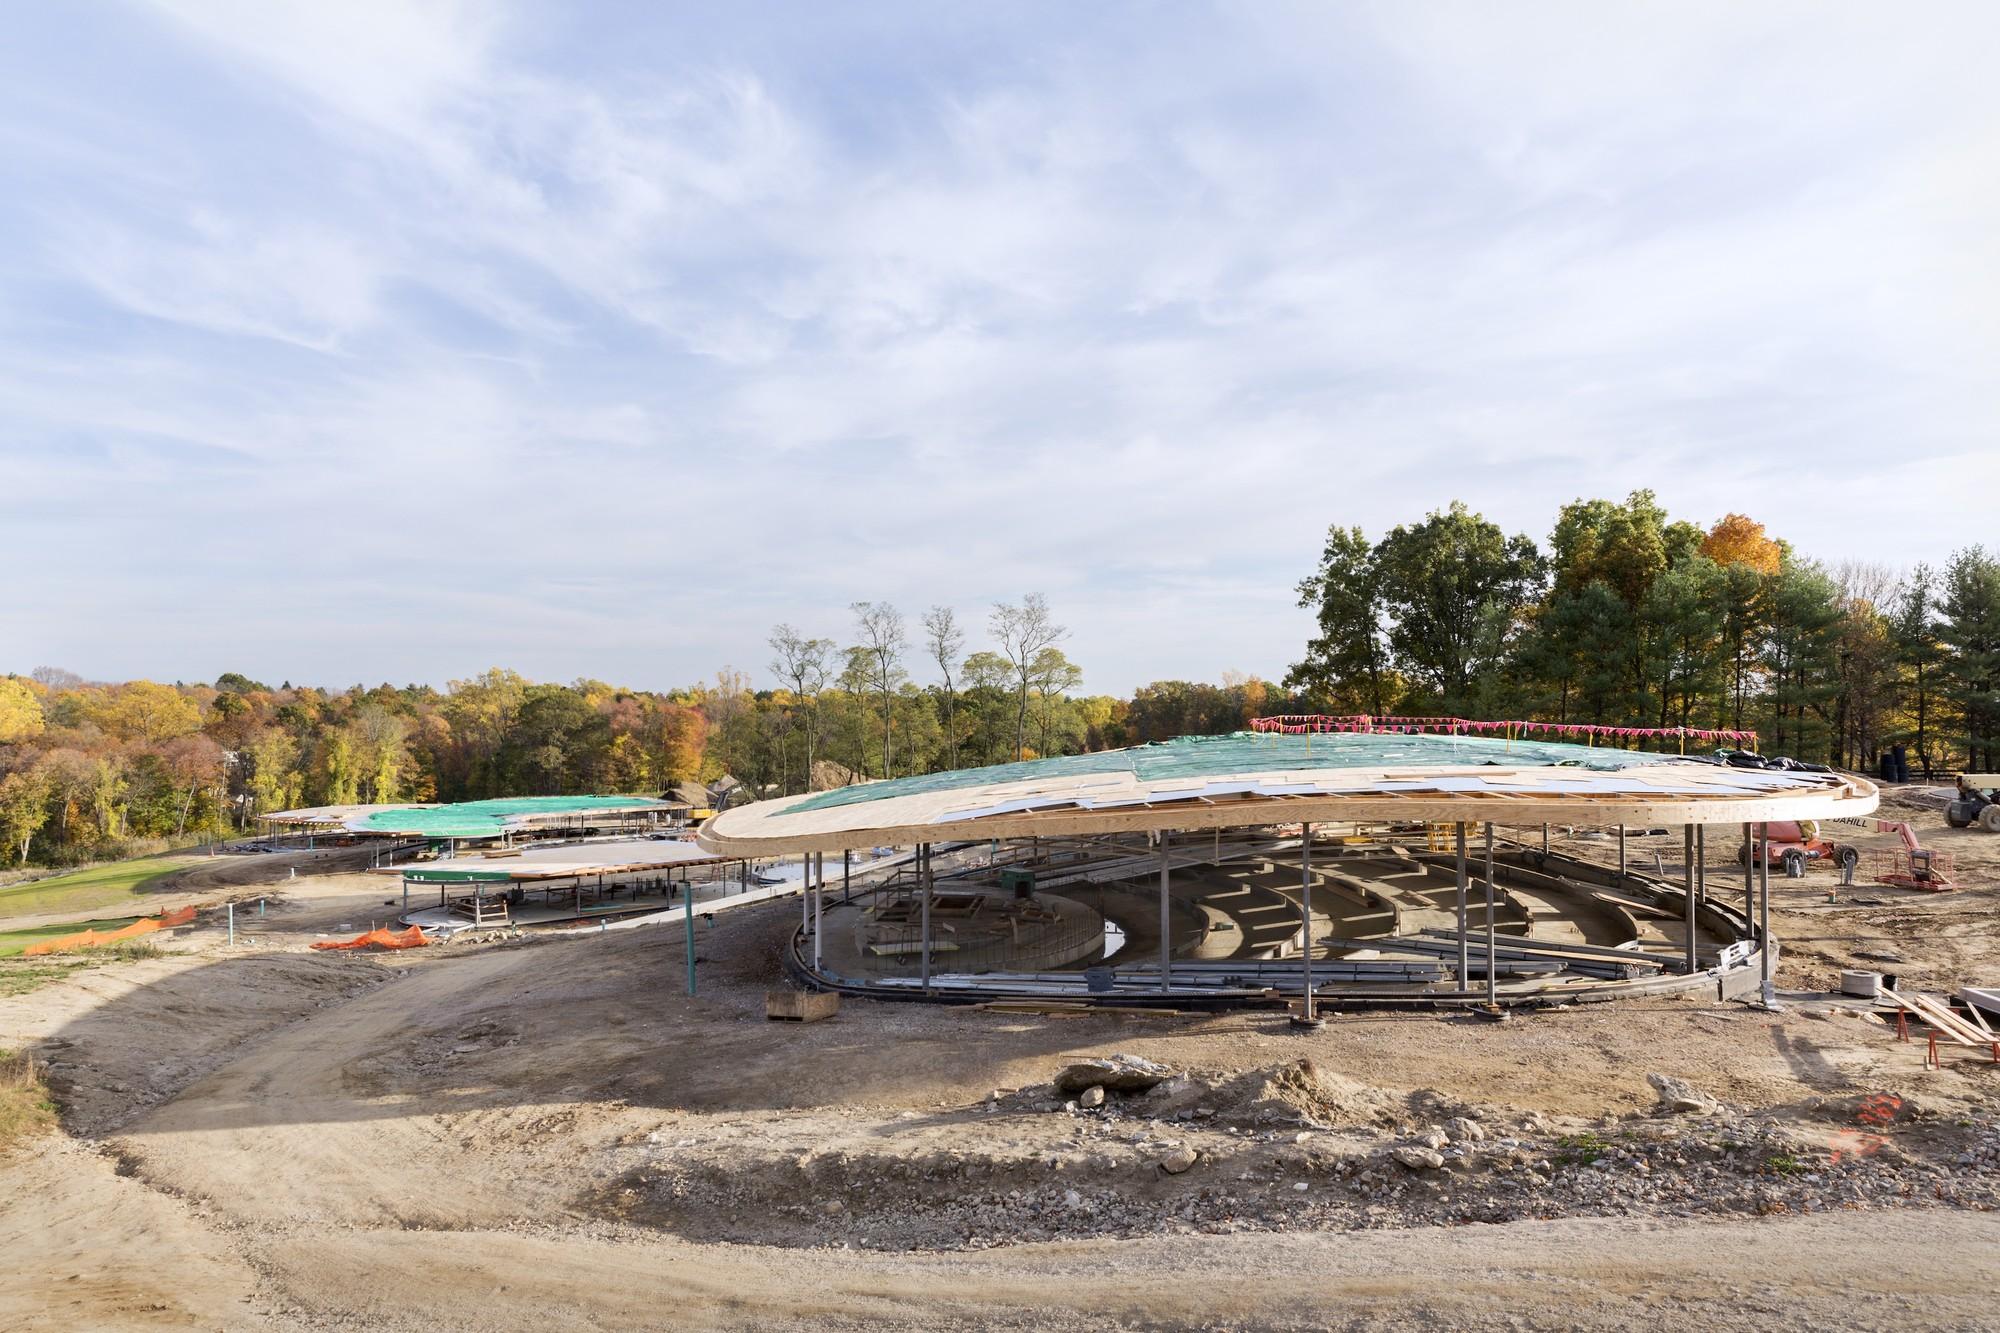 Grace Farms en construcción, octubre 2014. Imagen © Dean Kaufman